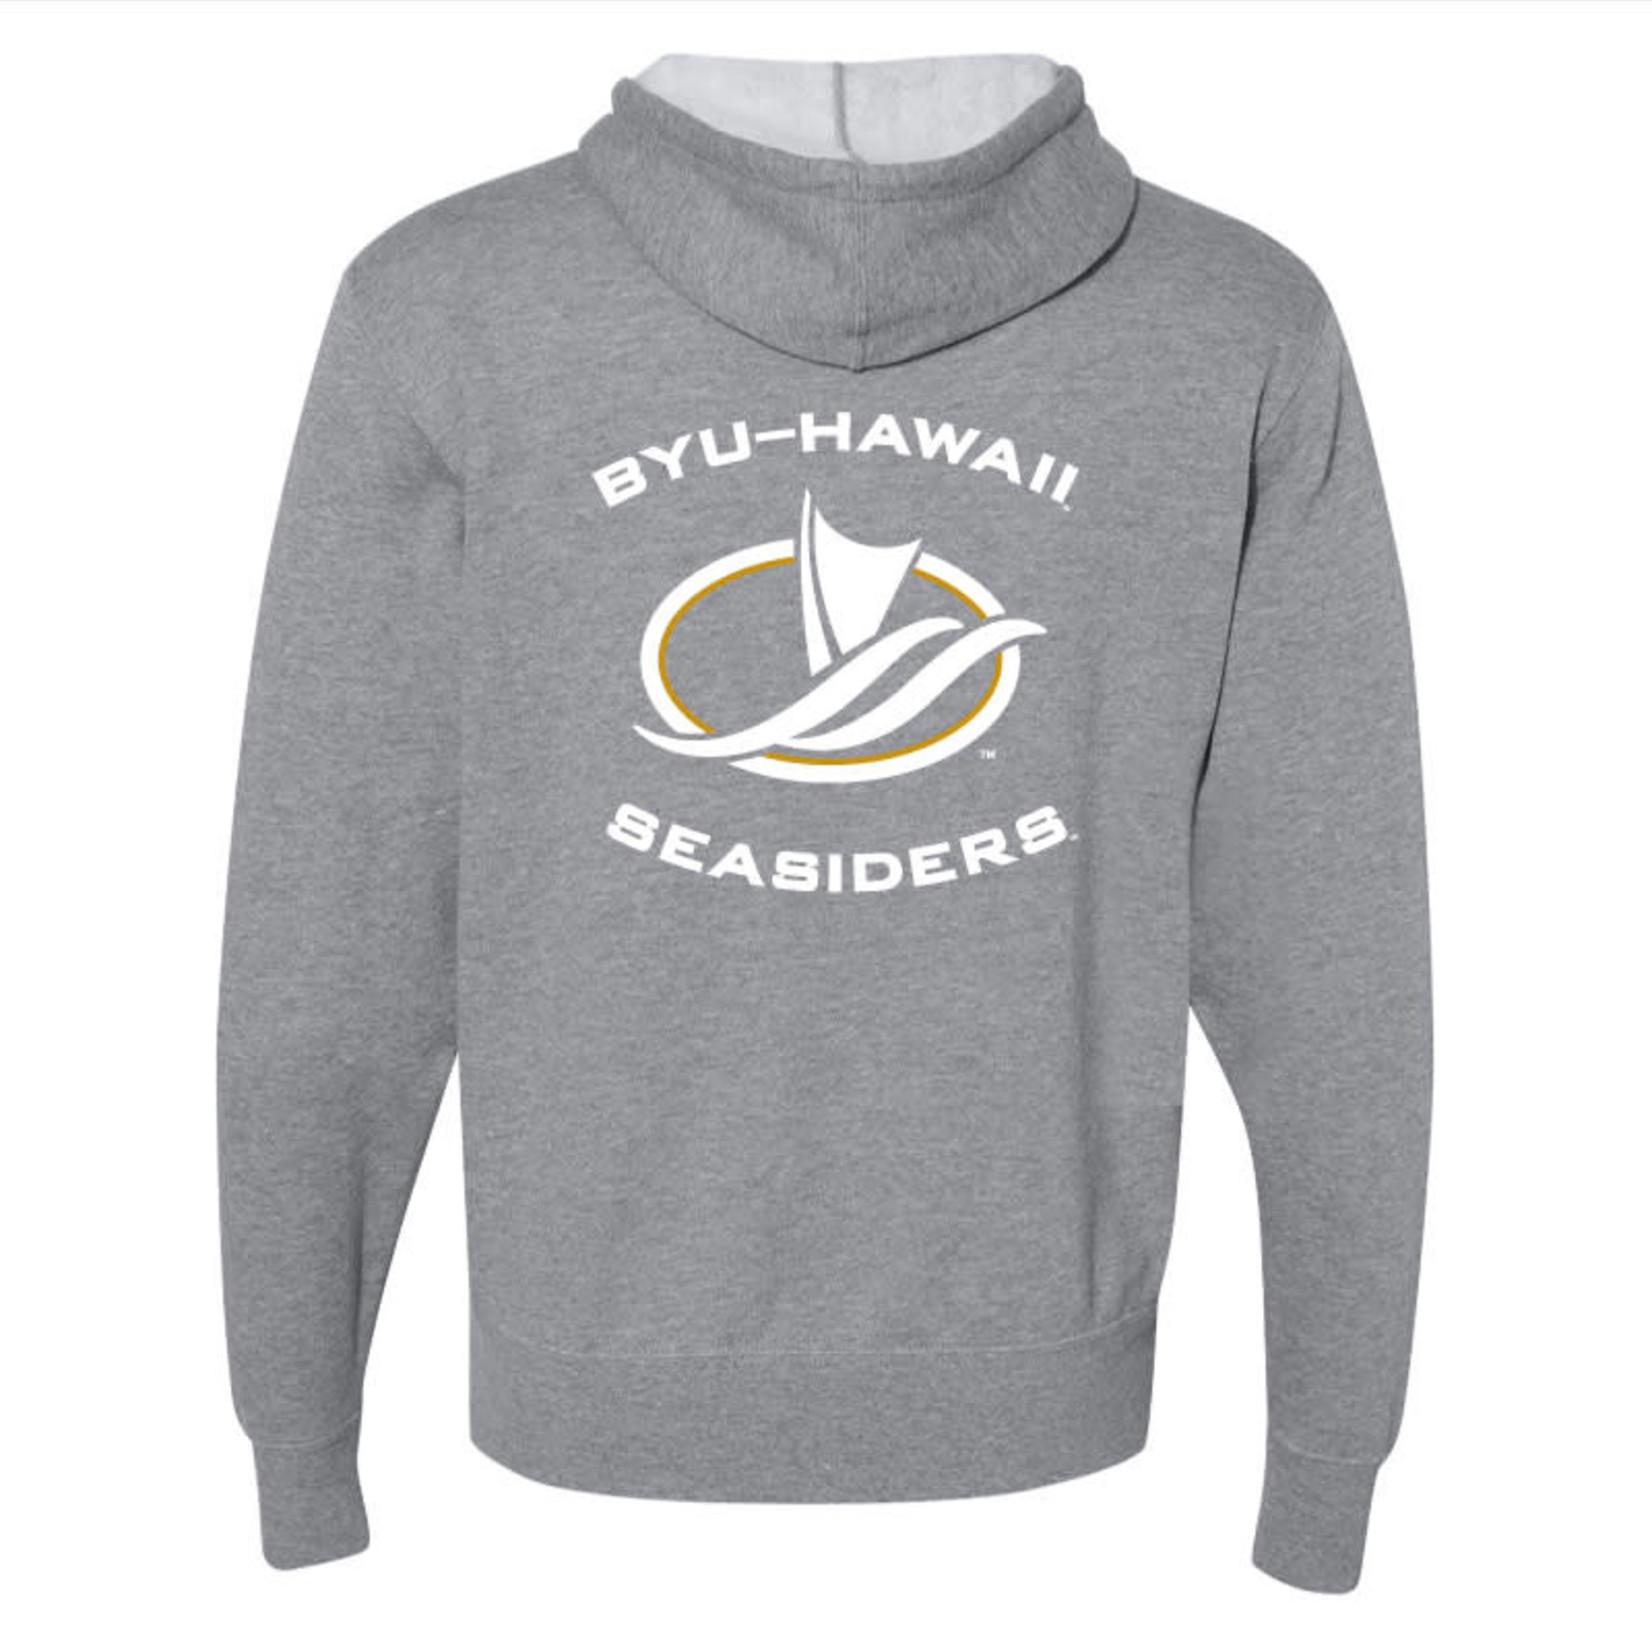 BYU-Hawaii Seasiders Hoodie -